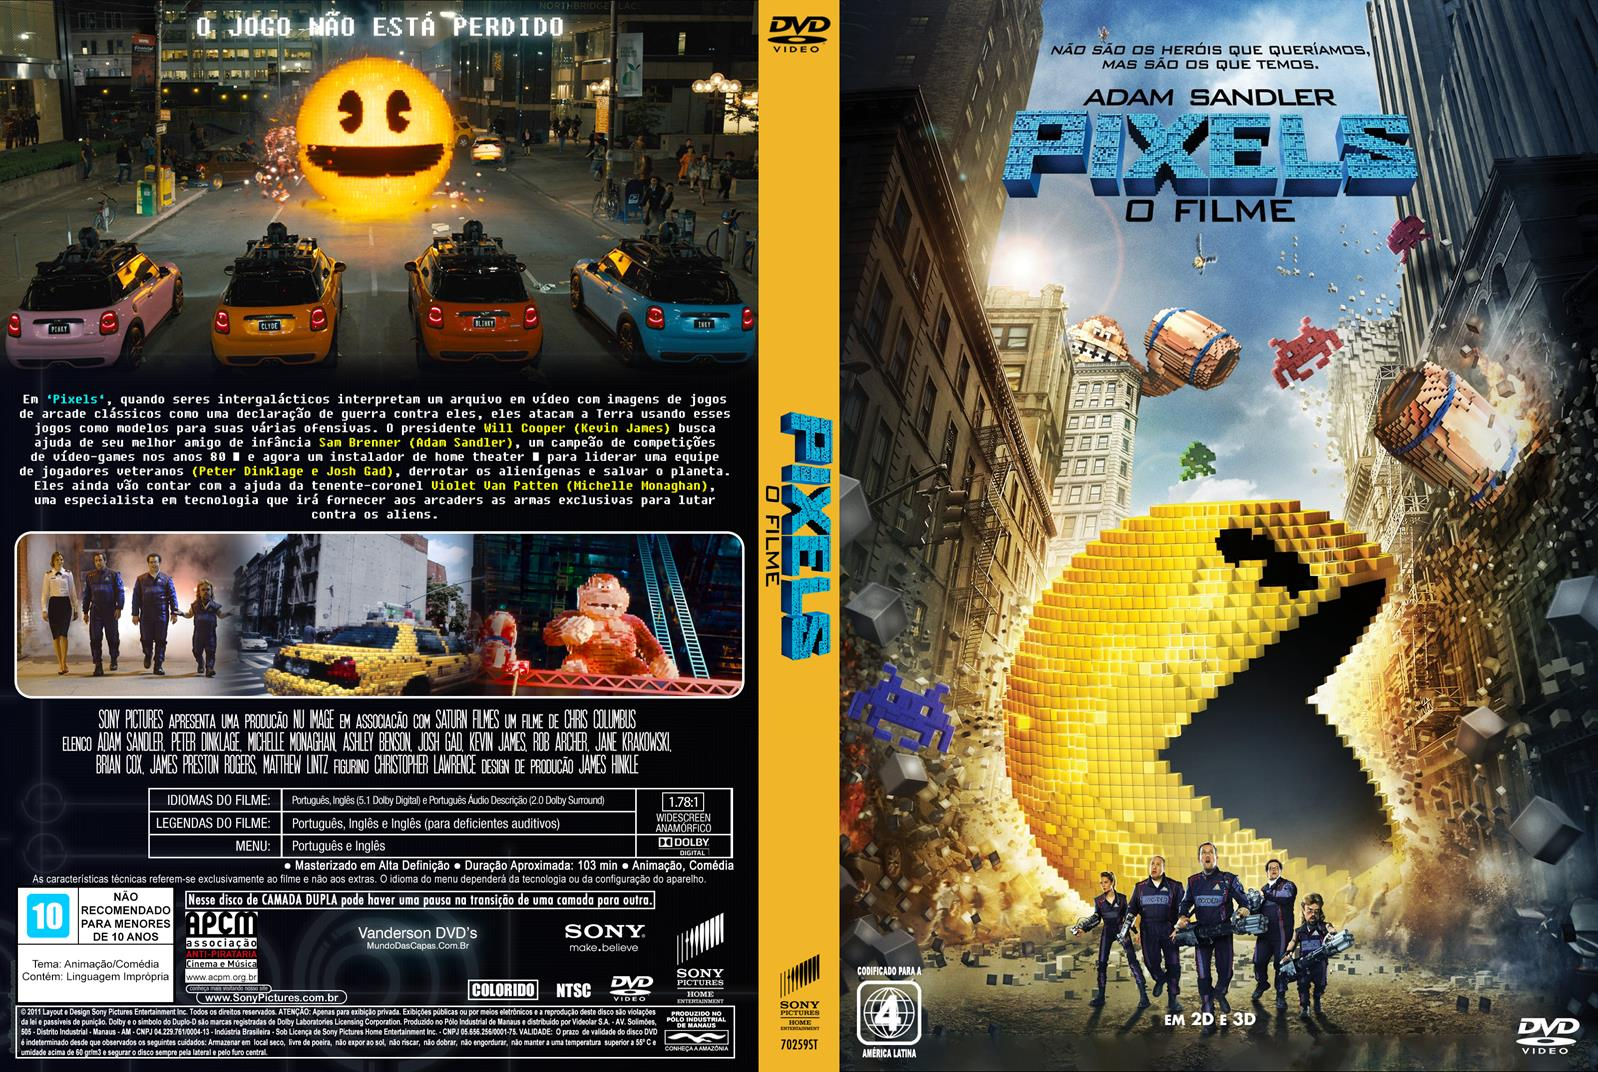 Download Pixels BDRip XviD Dual Áudio Pixels 2B 2BO 2BFilme